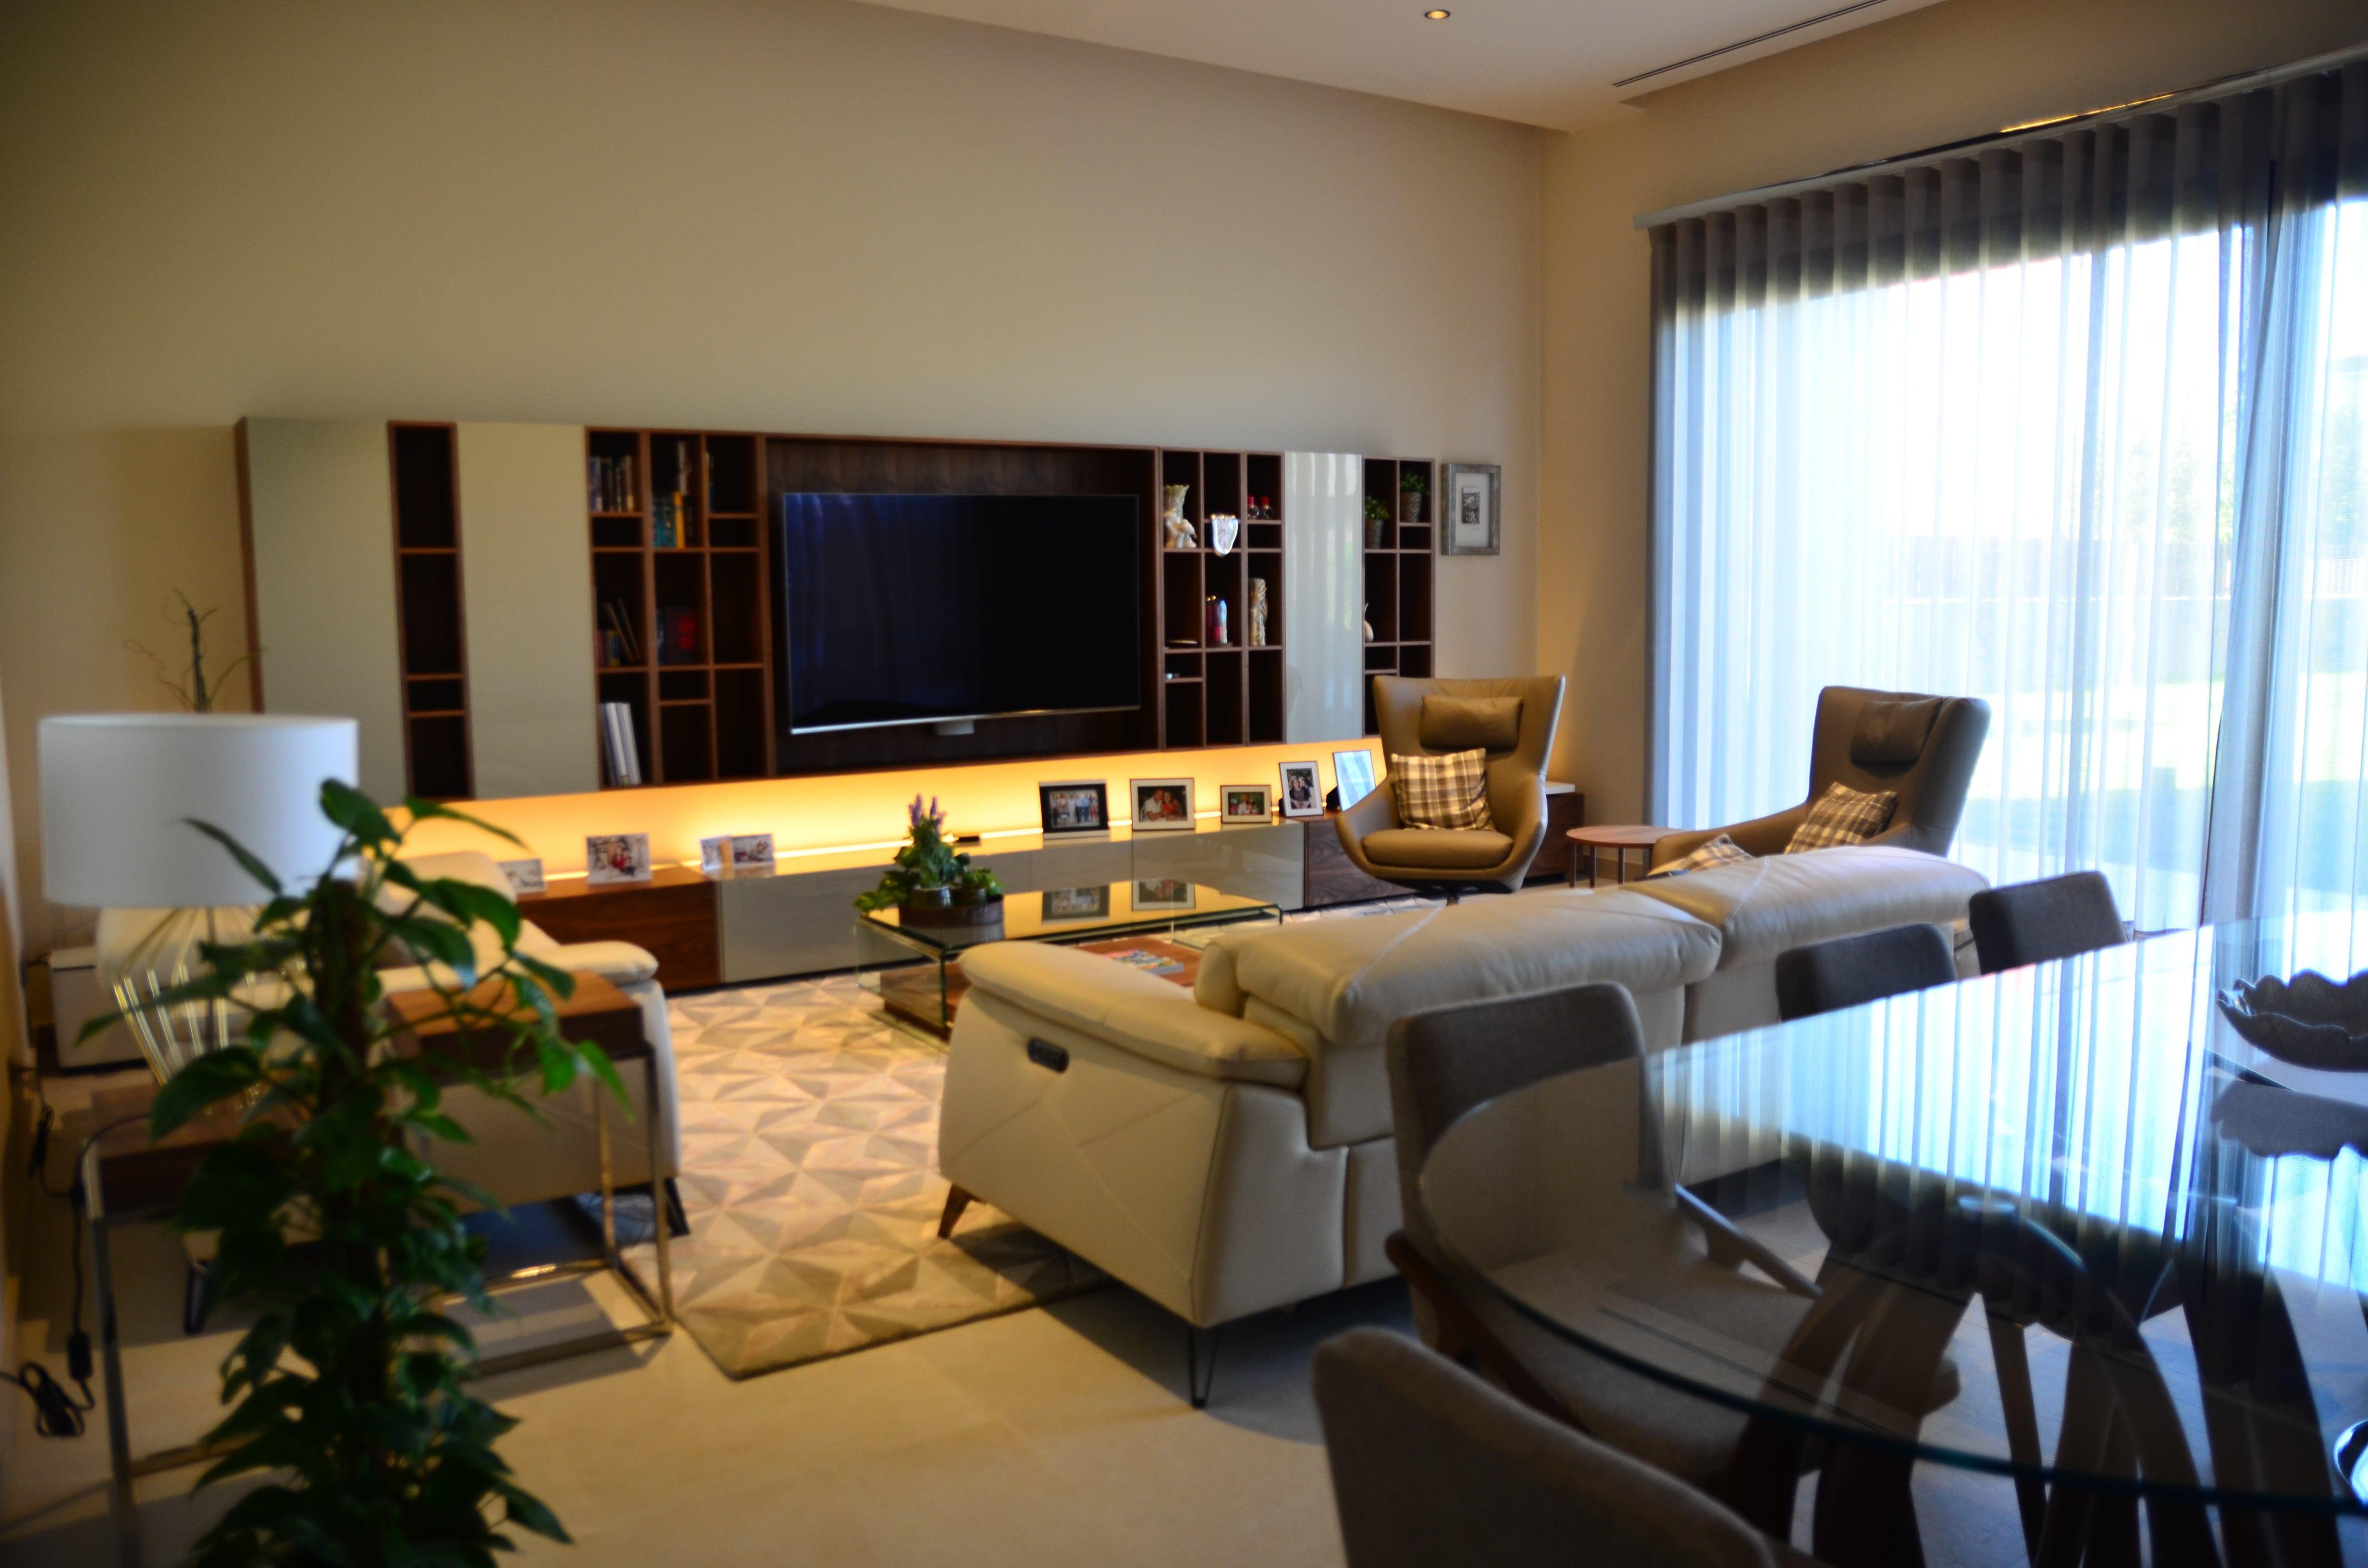 Iluminación interior vivienda mueble